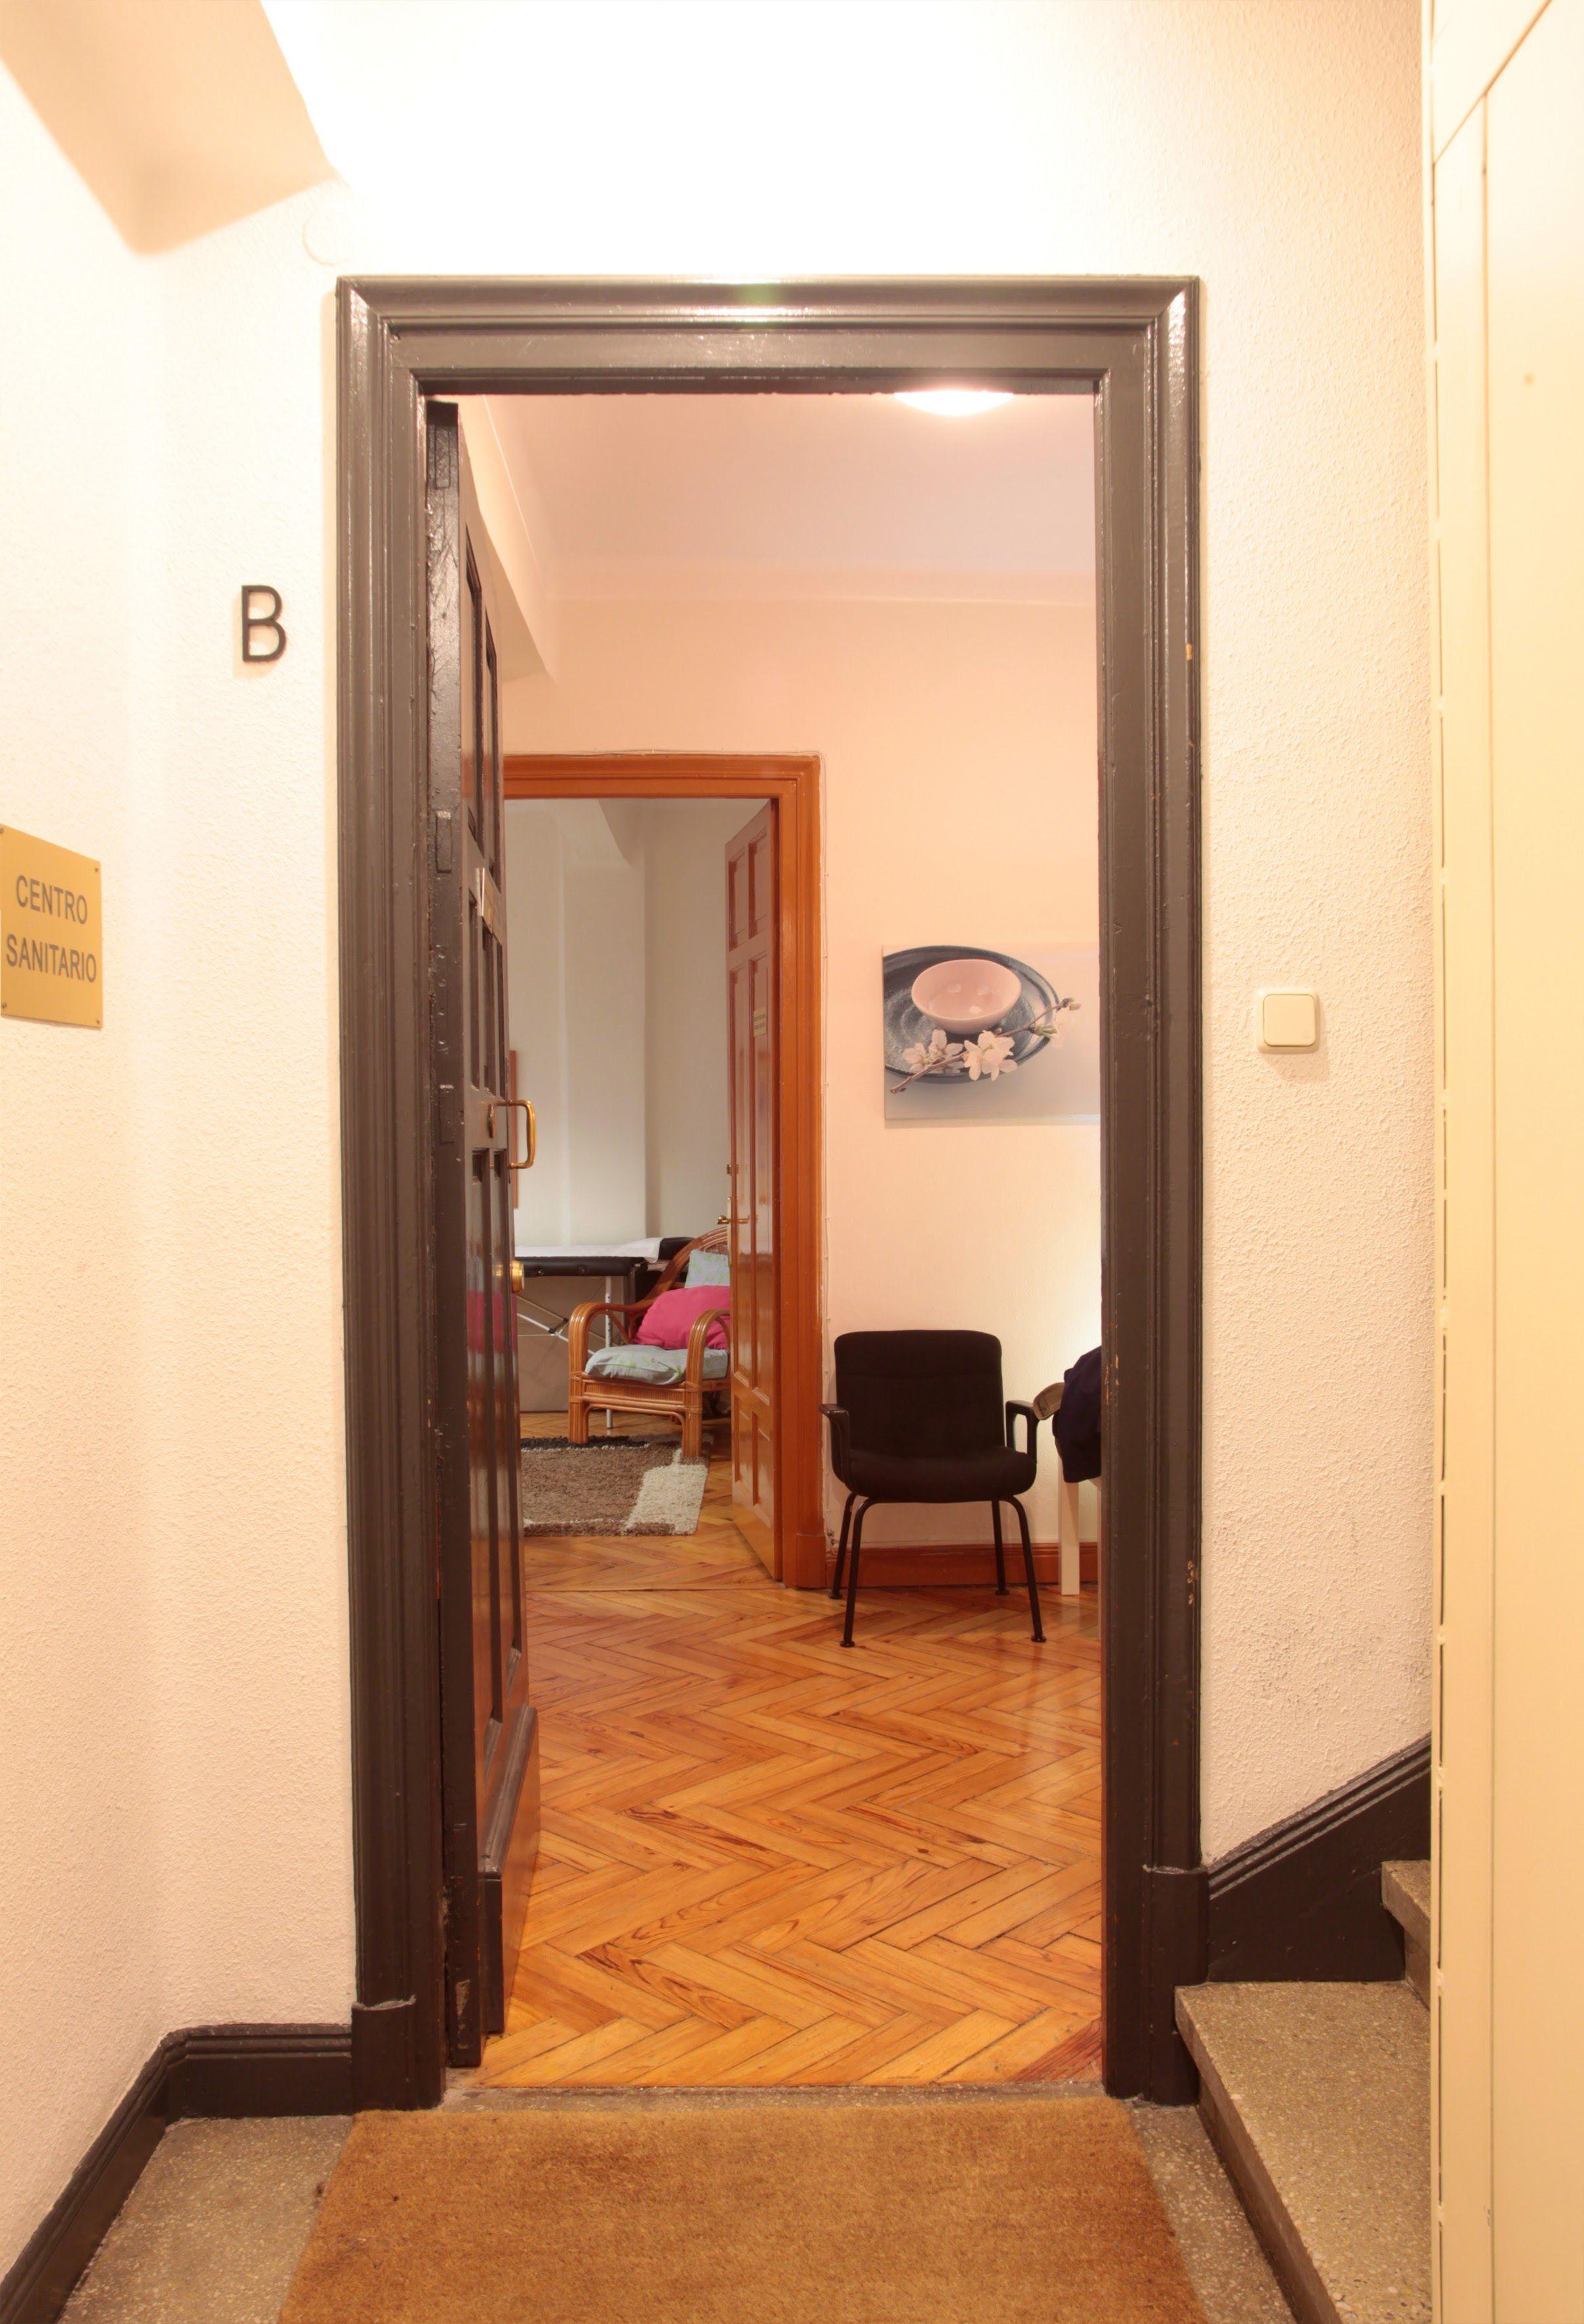 Foto 4 de Psicóloga en Pamplona | Psicóloga Rosa Páez